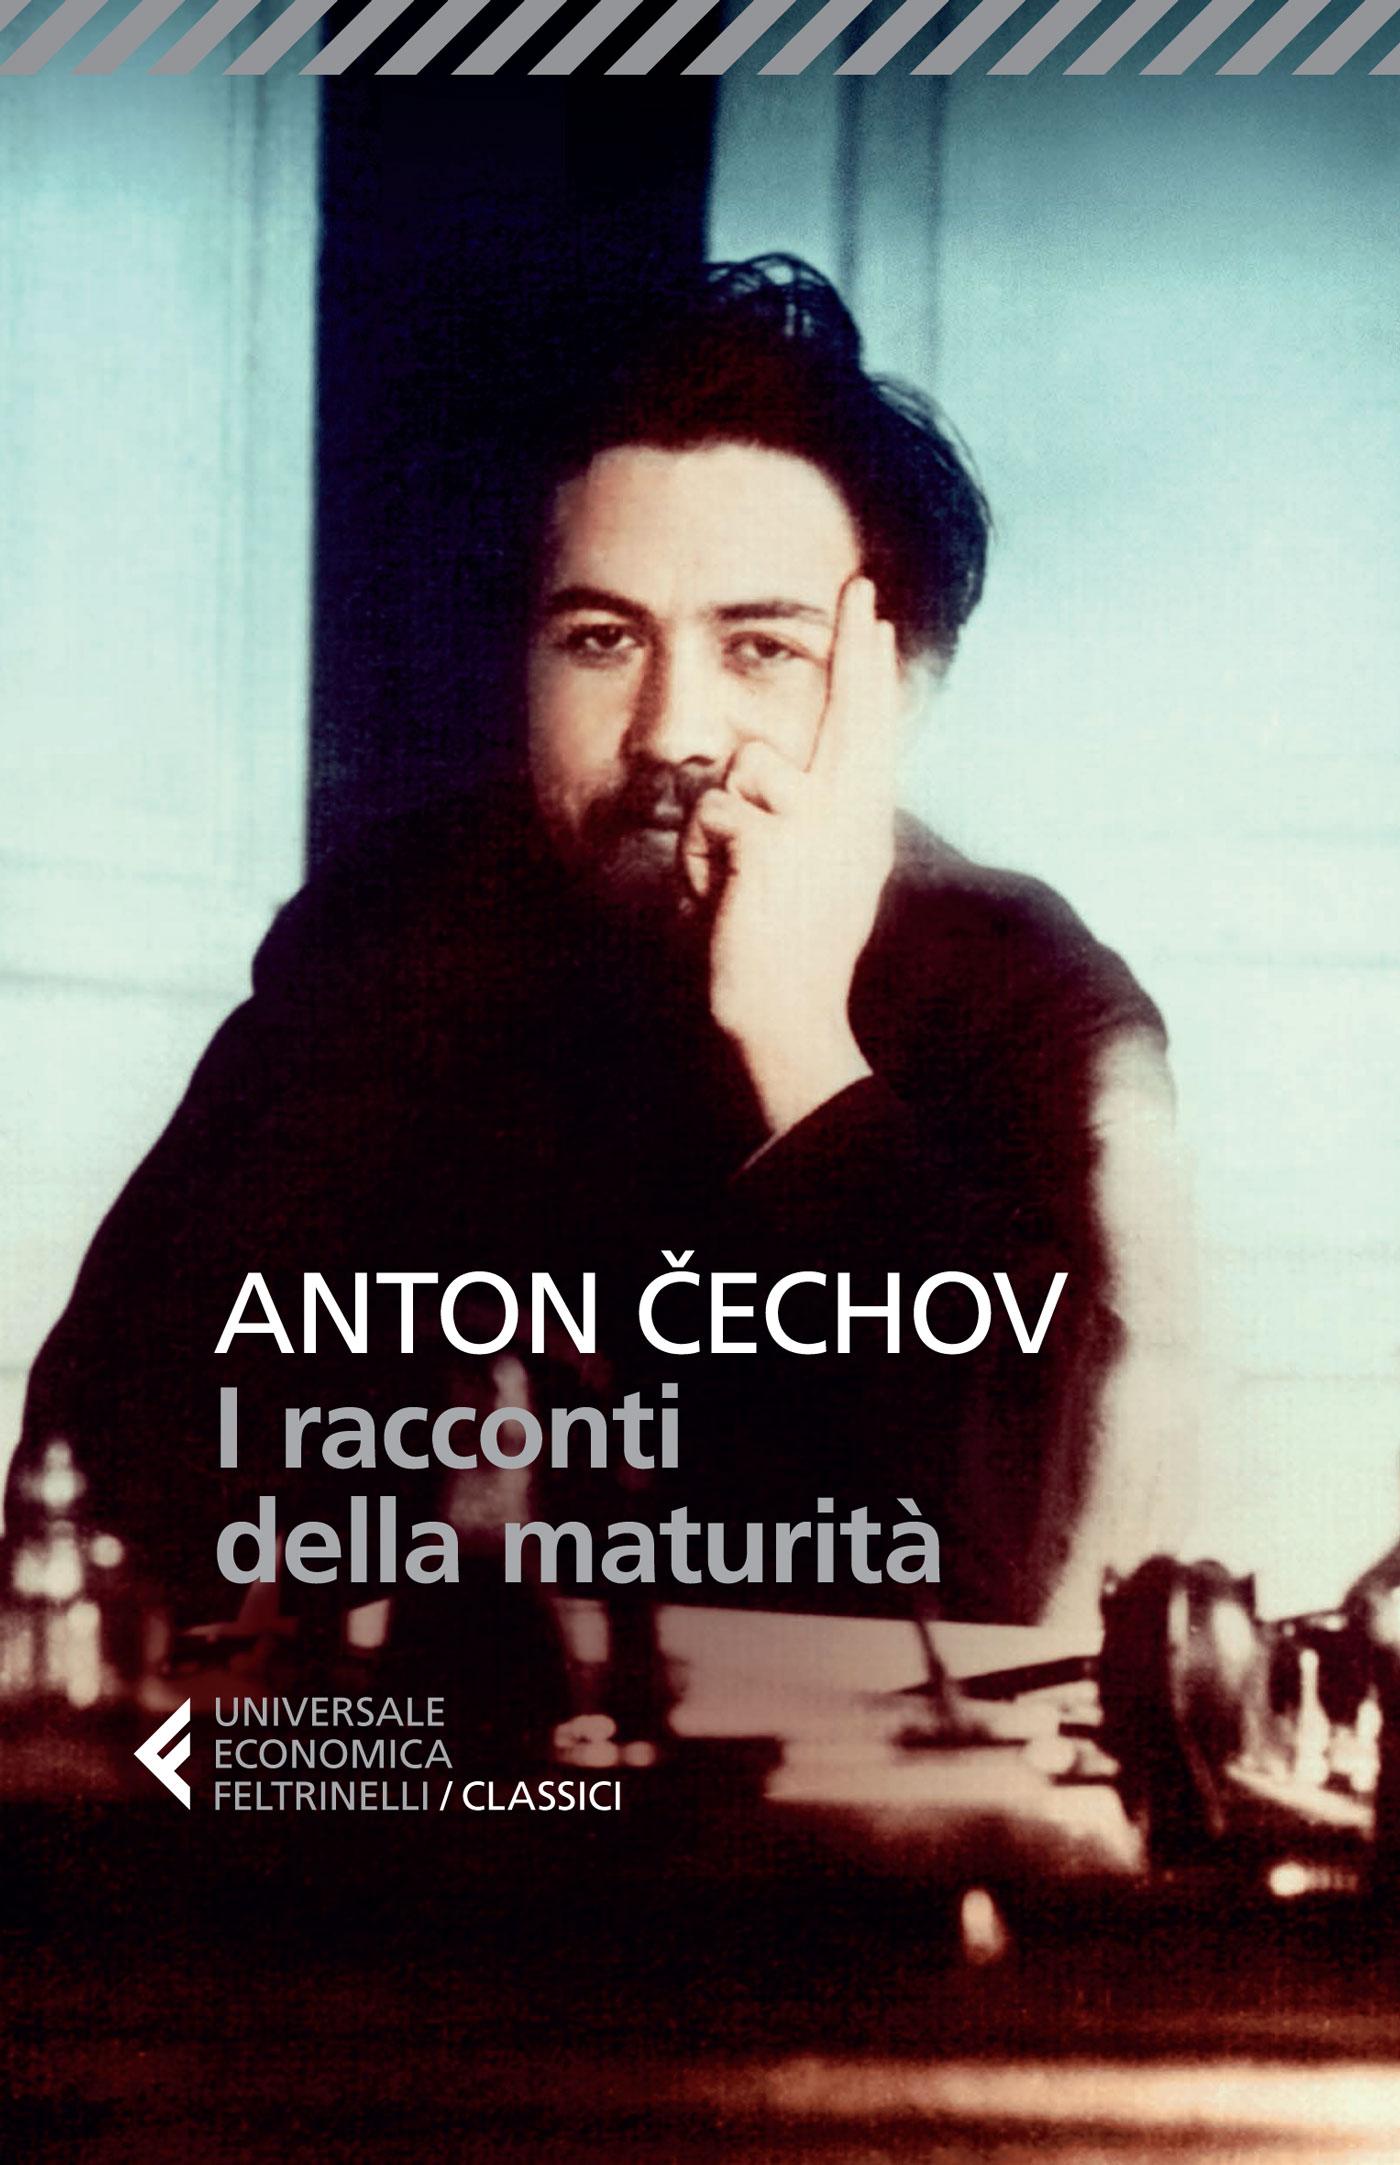 ANTON CECHOV: I RACCONTI DELLA MATURITA'